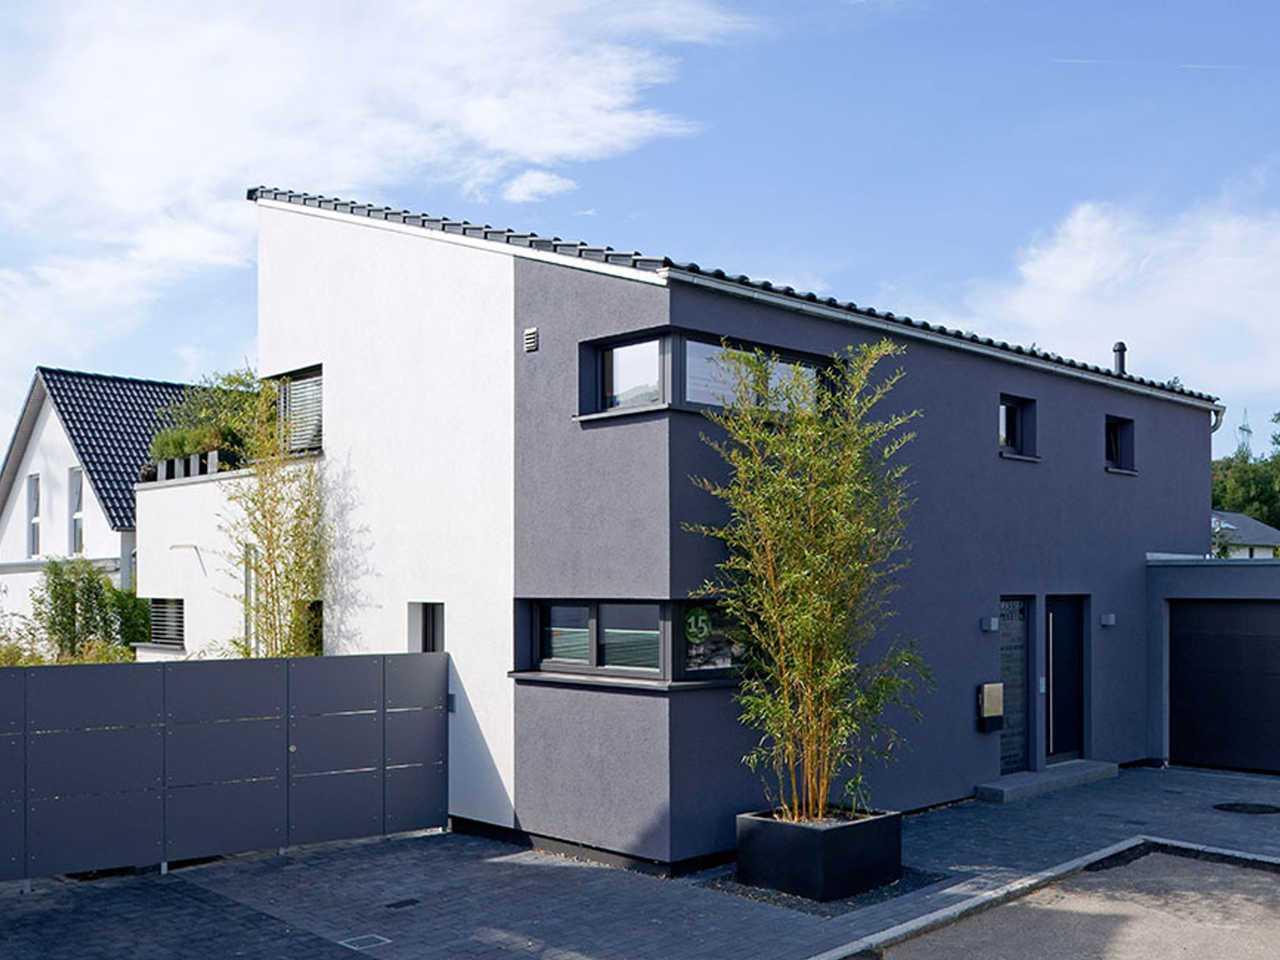 KitzlingerHaus - Kitzlinger Haus Dettingen Außenansicht